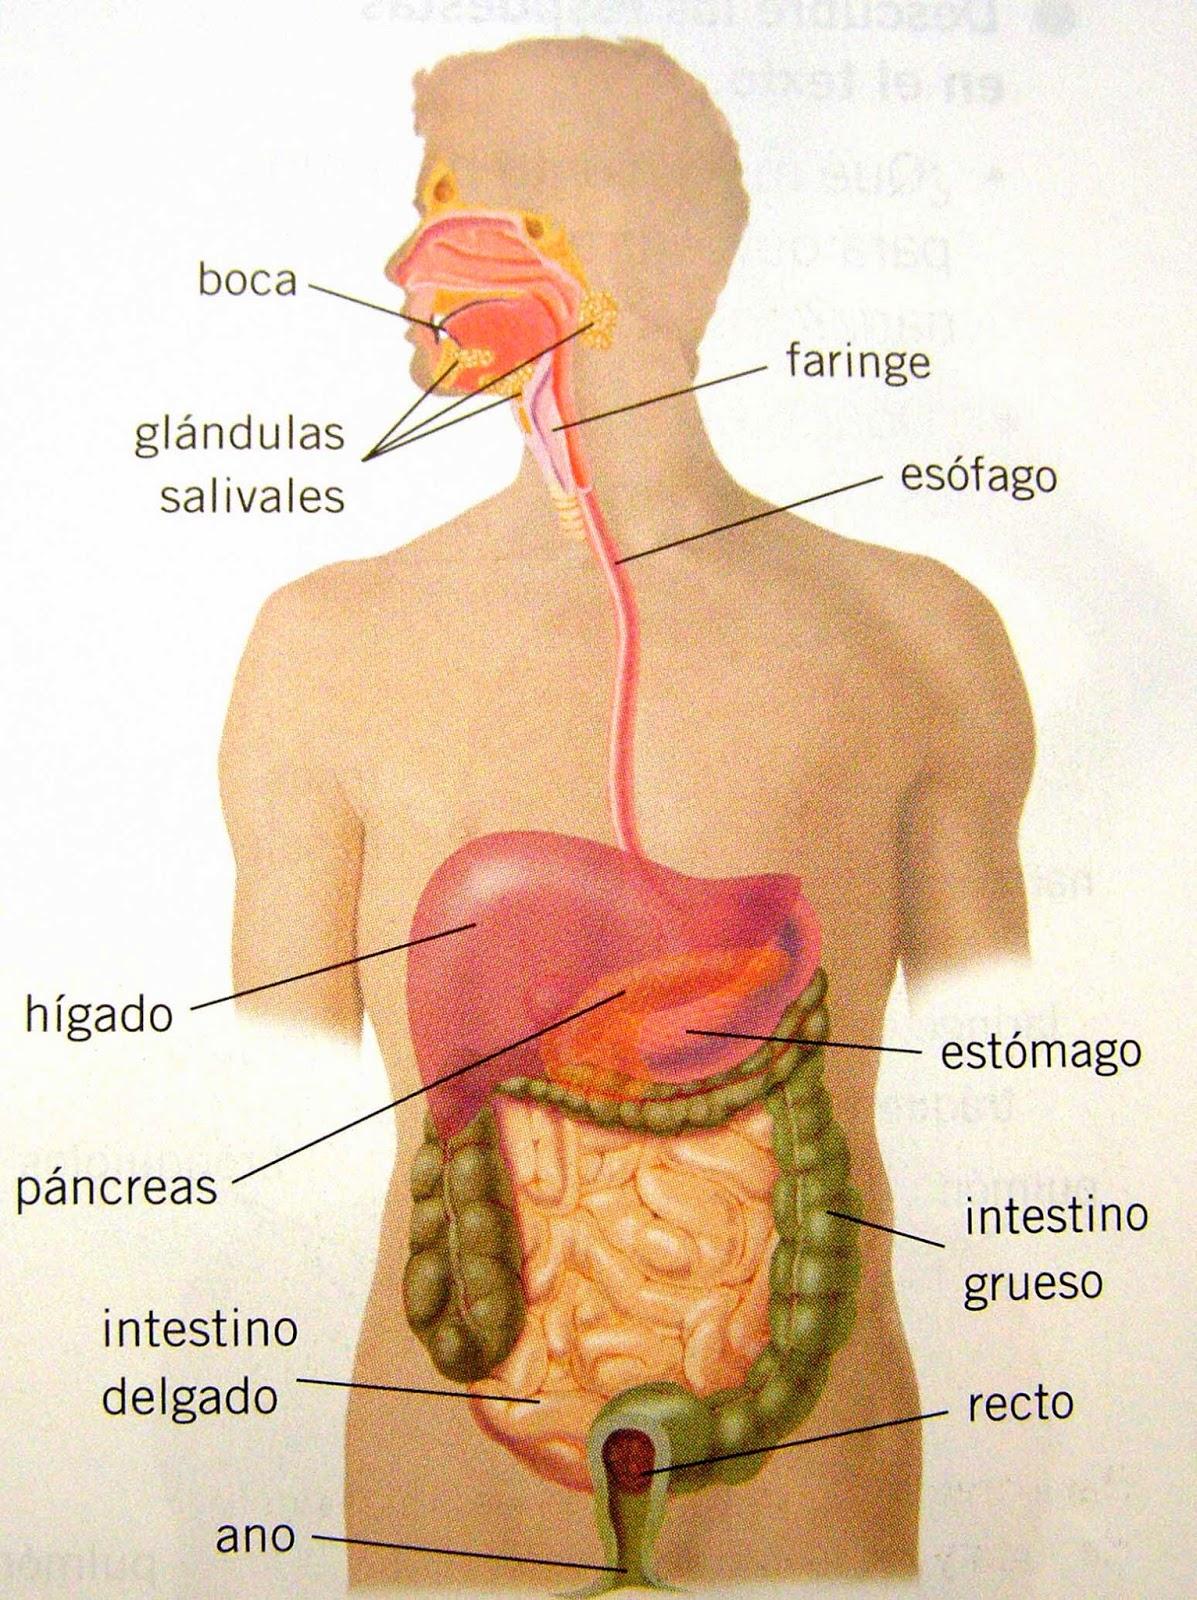 Anatomía humana y funcional.: Aparato digestivo